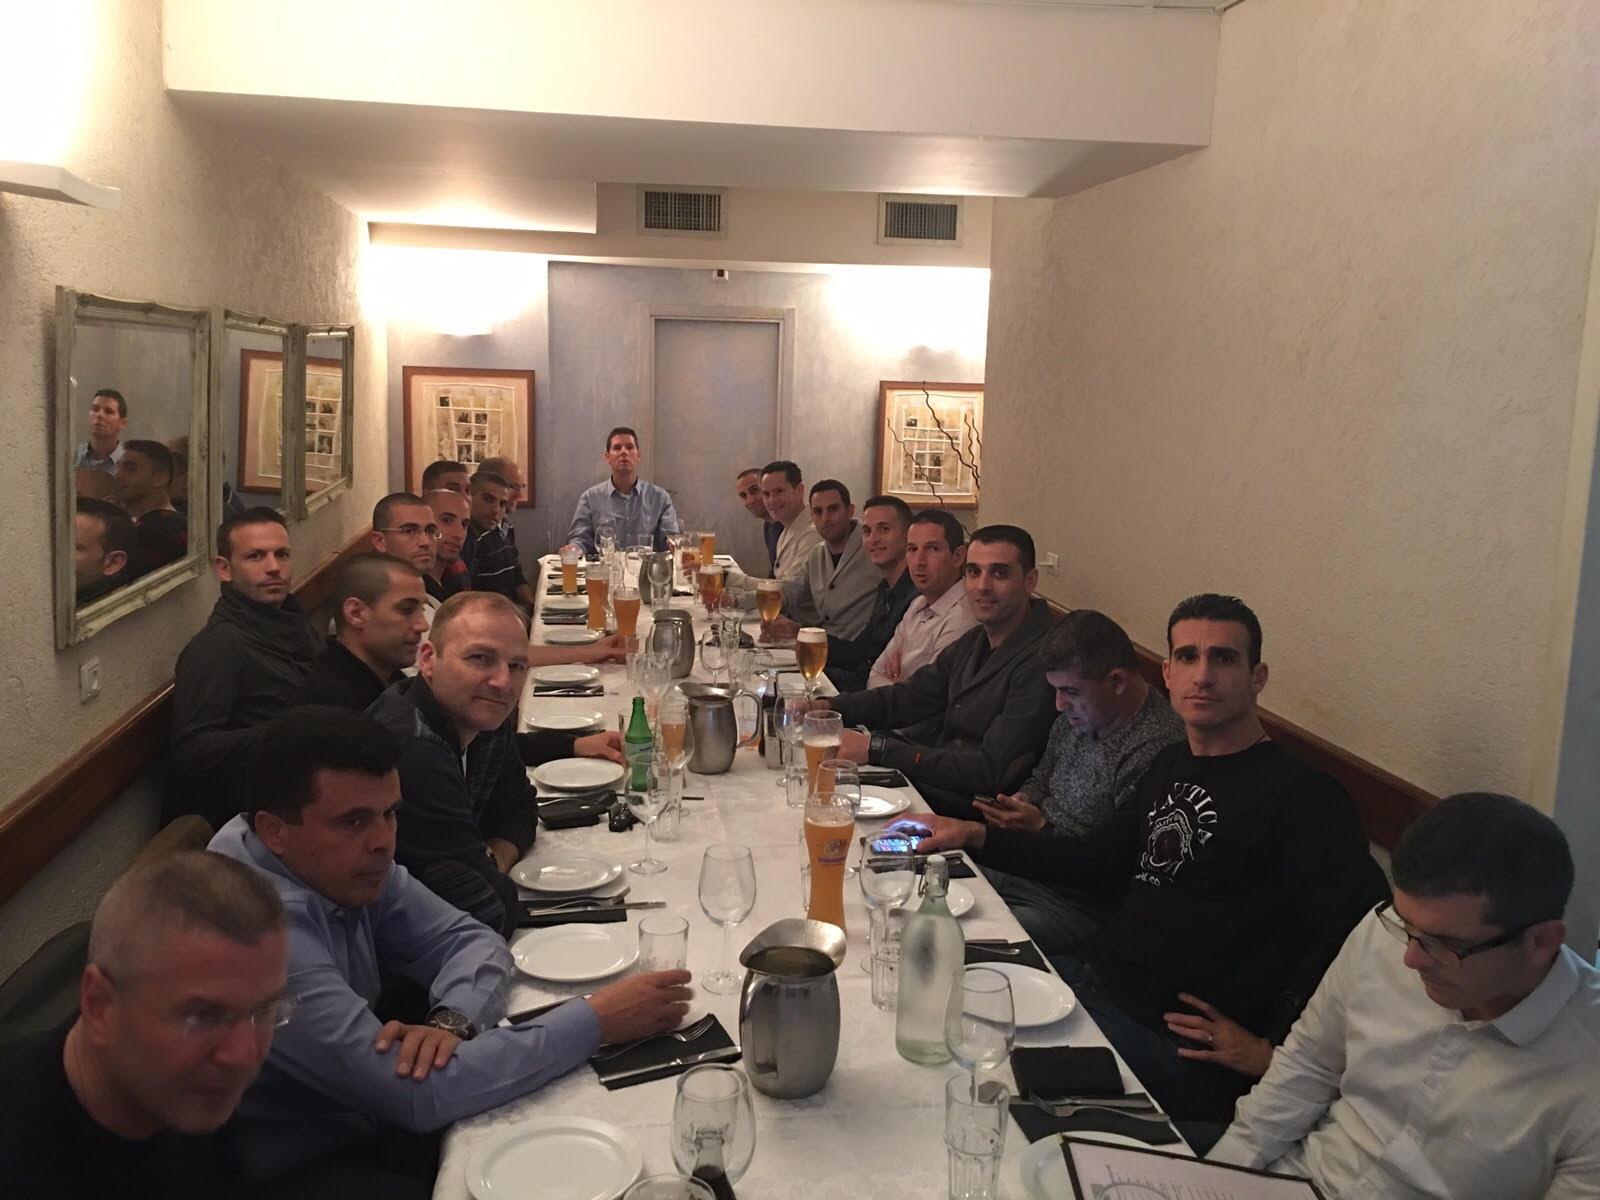 השופטים חוגגים... שופטי ליגת העל בכדורגל במסעדת רובינשטיין